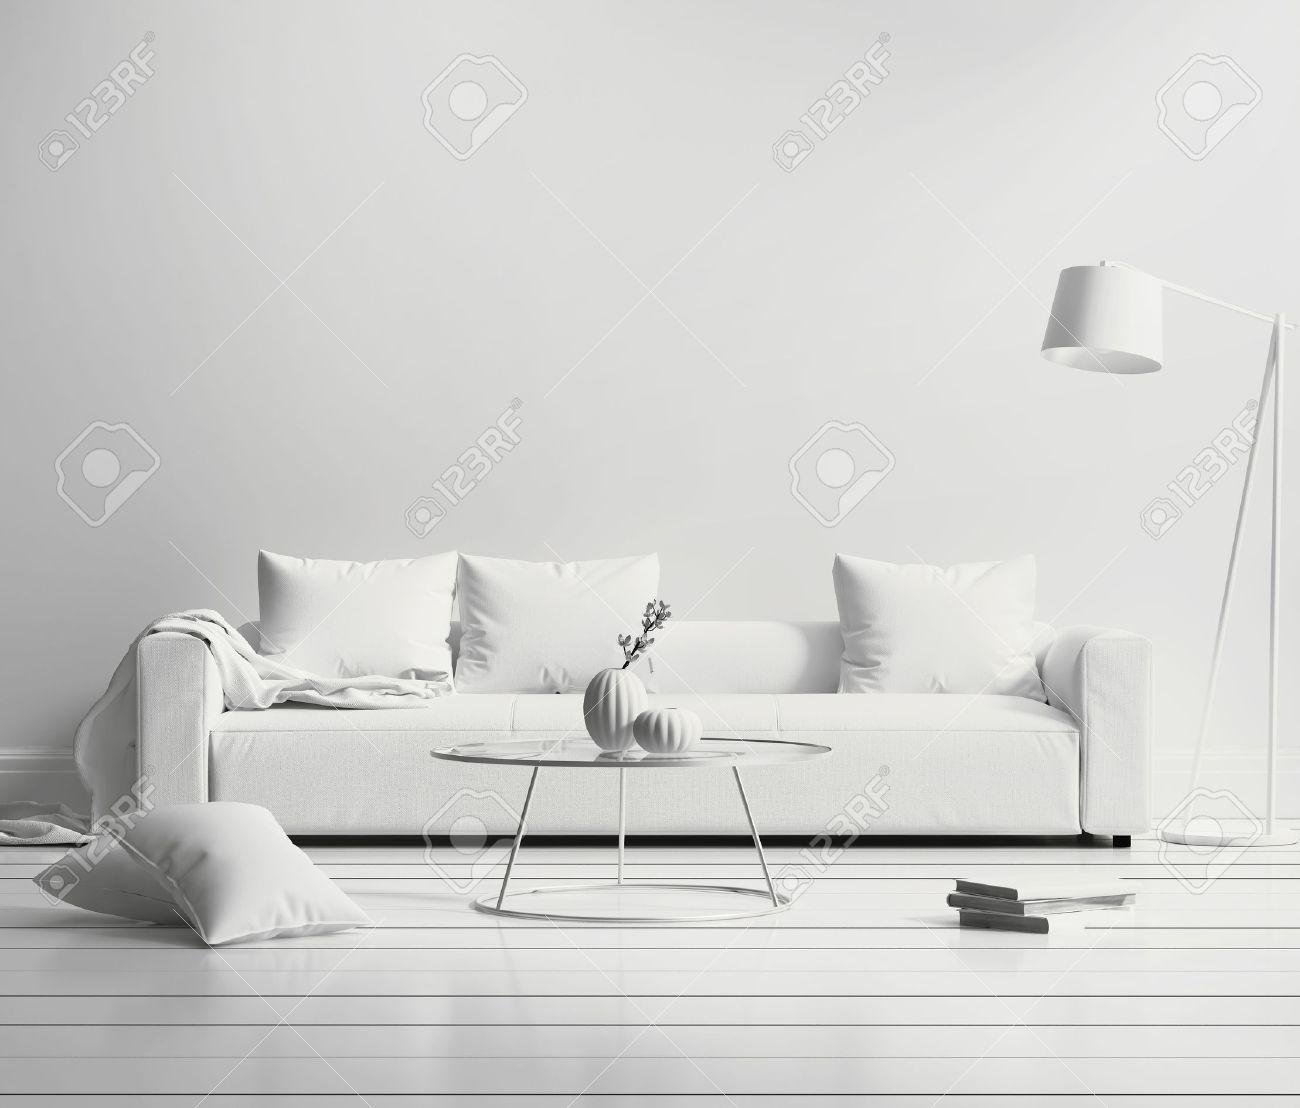 Weiße Minimale Zeitgenössische Interieur Wohnzimmer Lizenzfreie ...